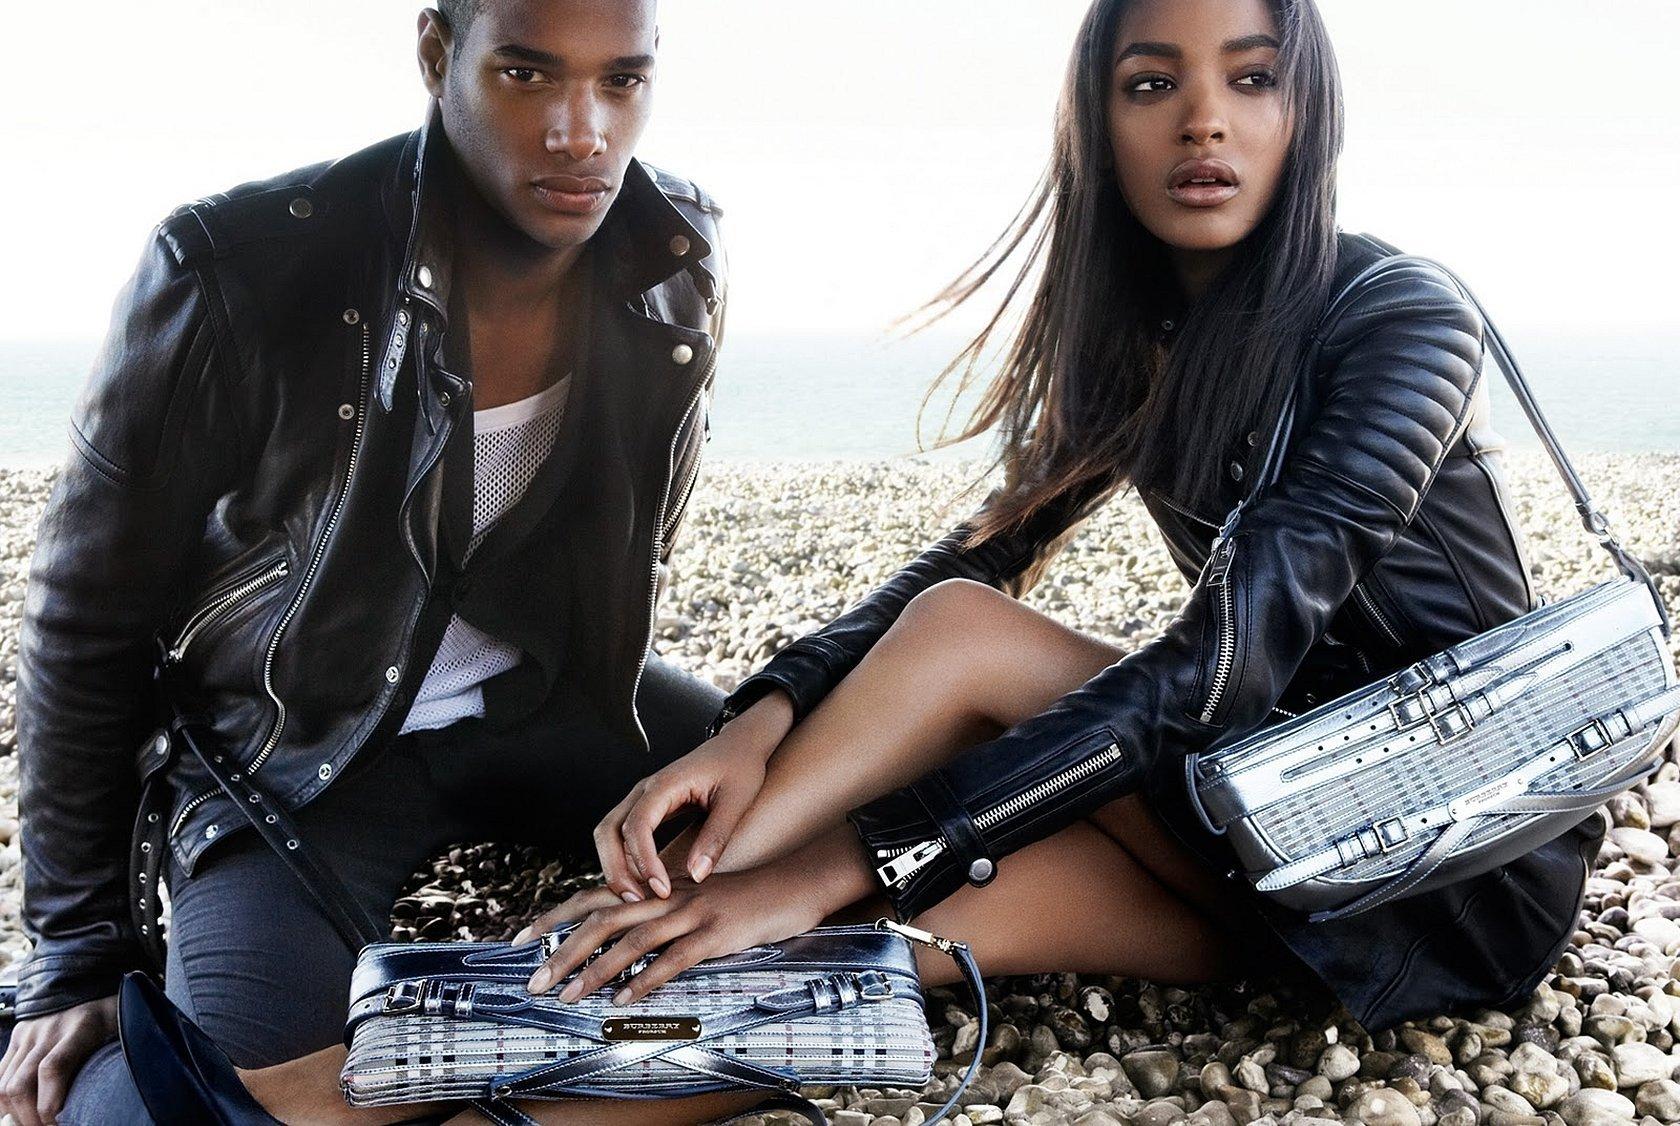 Негритянки в кожаных куртках